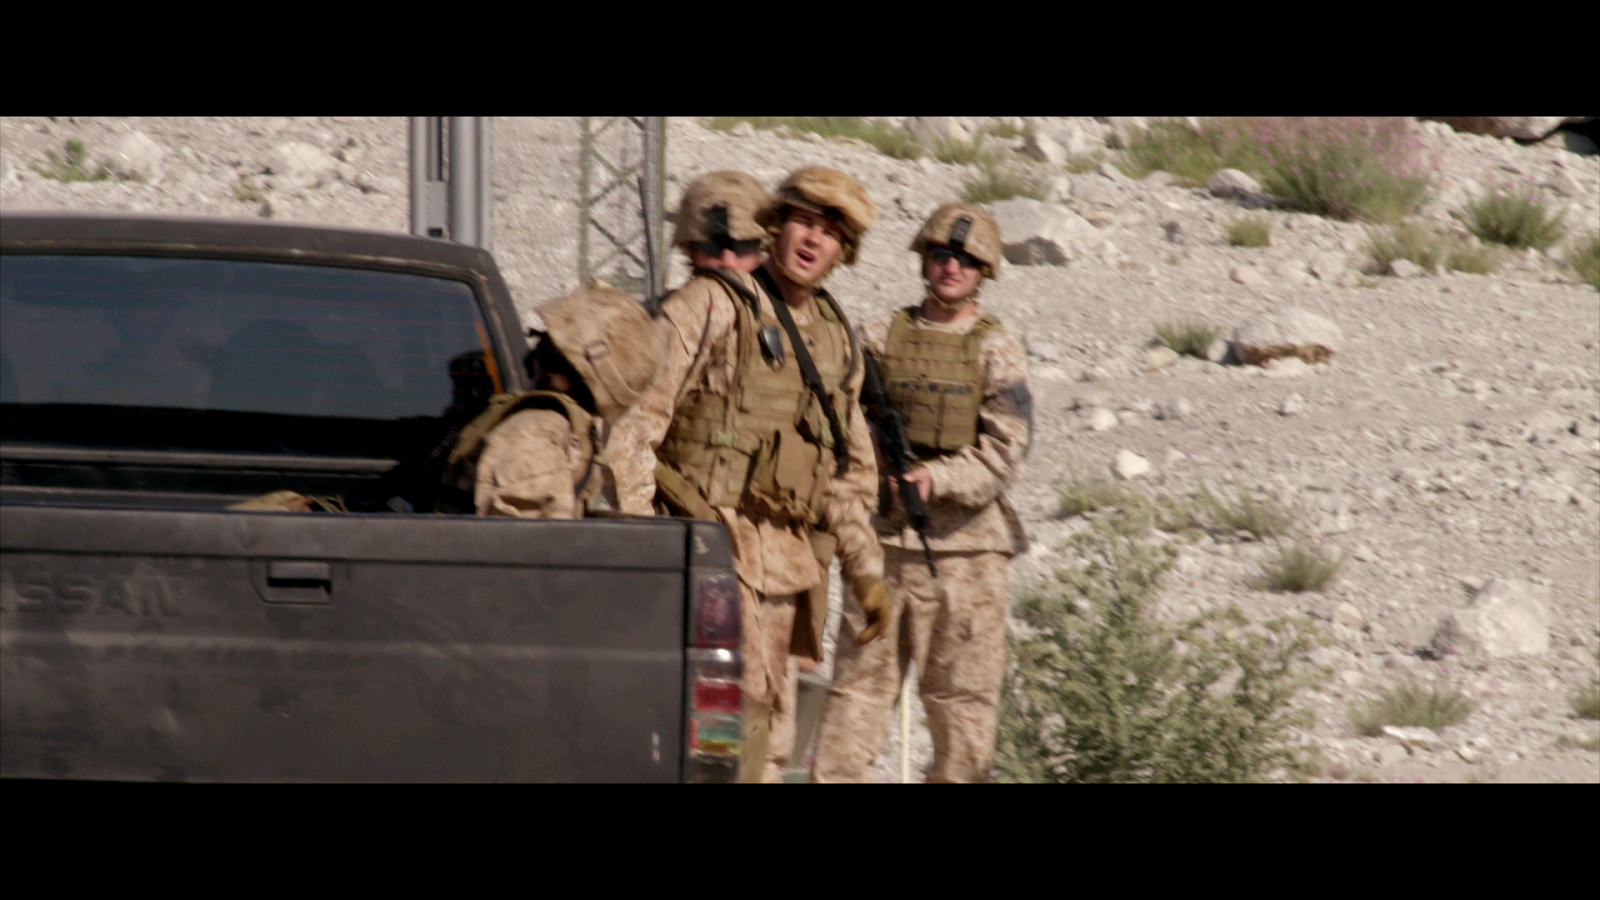 Soldado Anonimo 2 Terreno Peligroso (2014) 1080p BD25 7